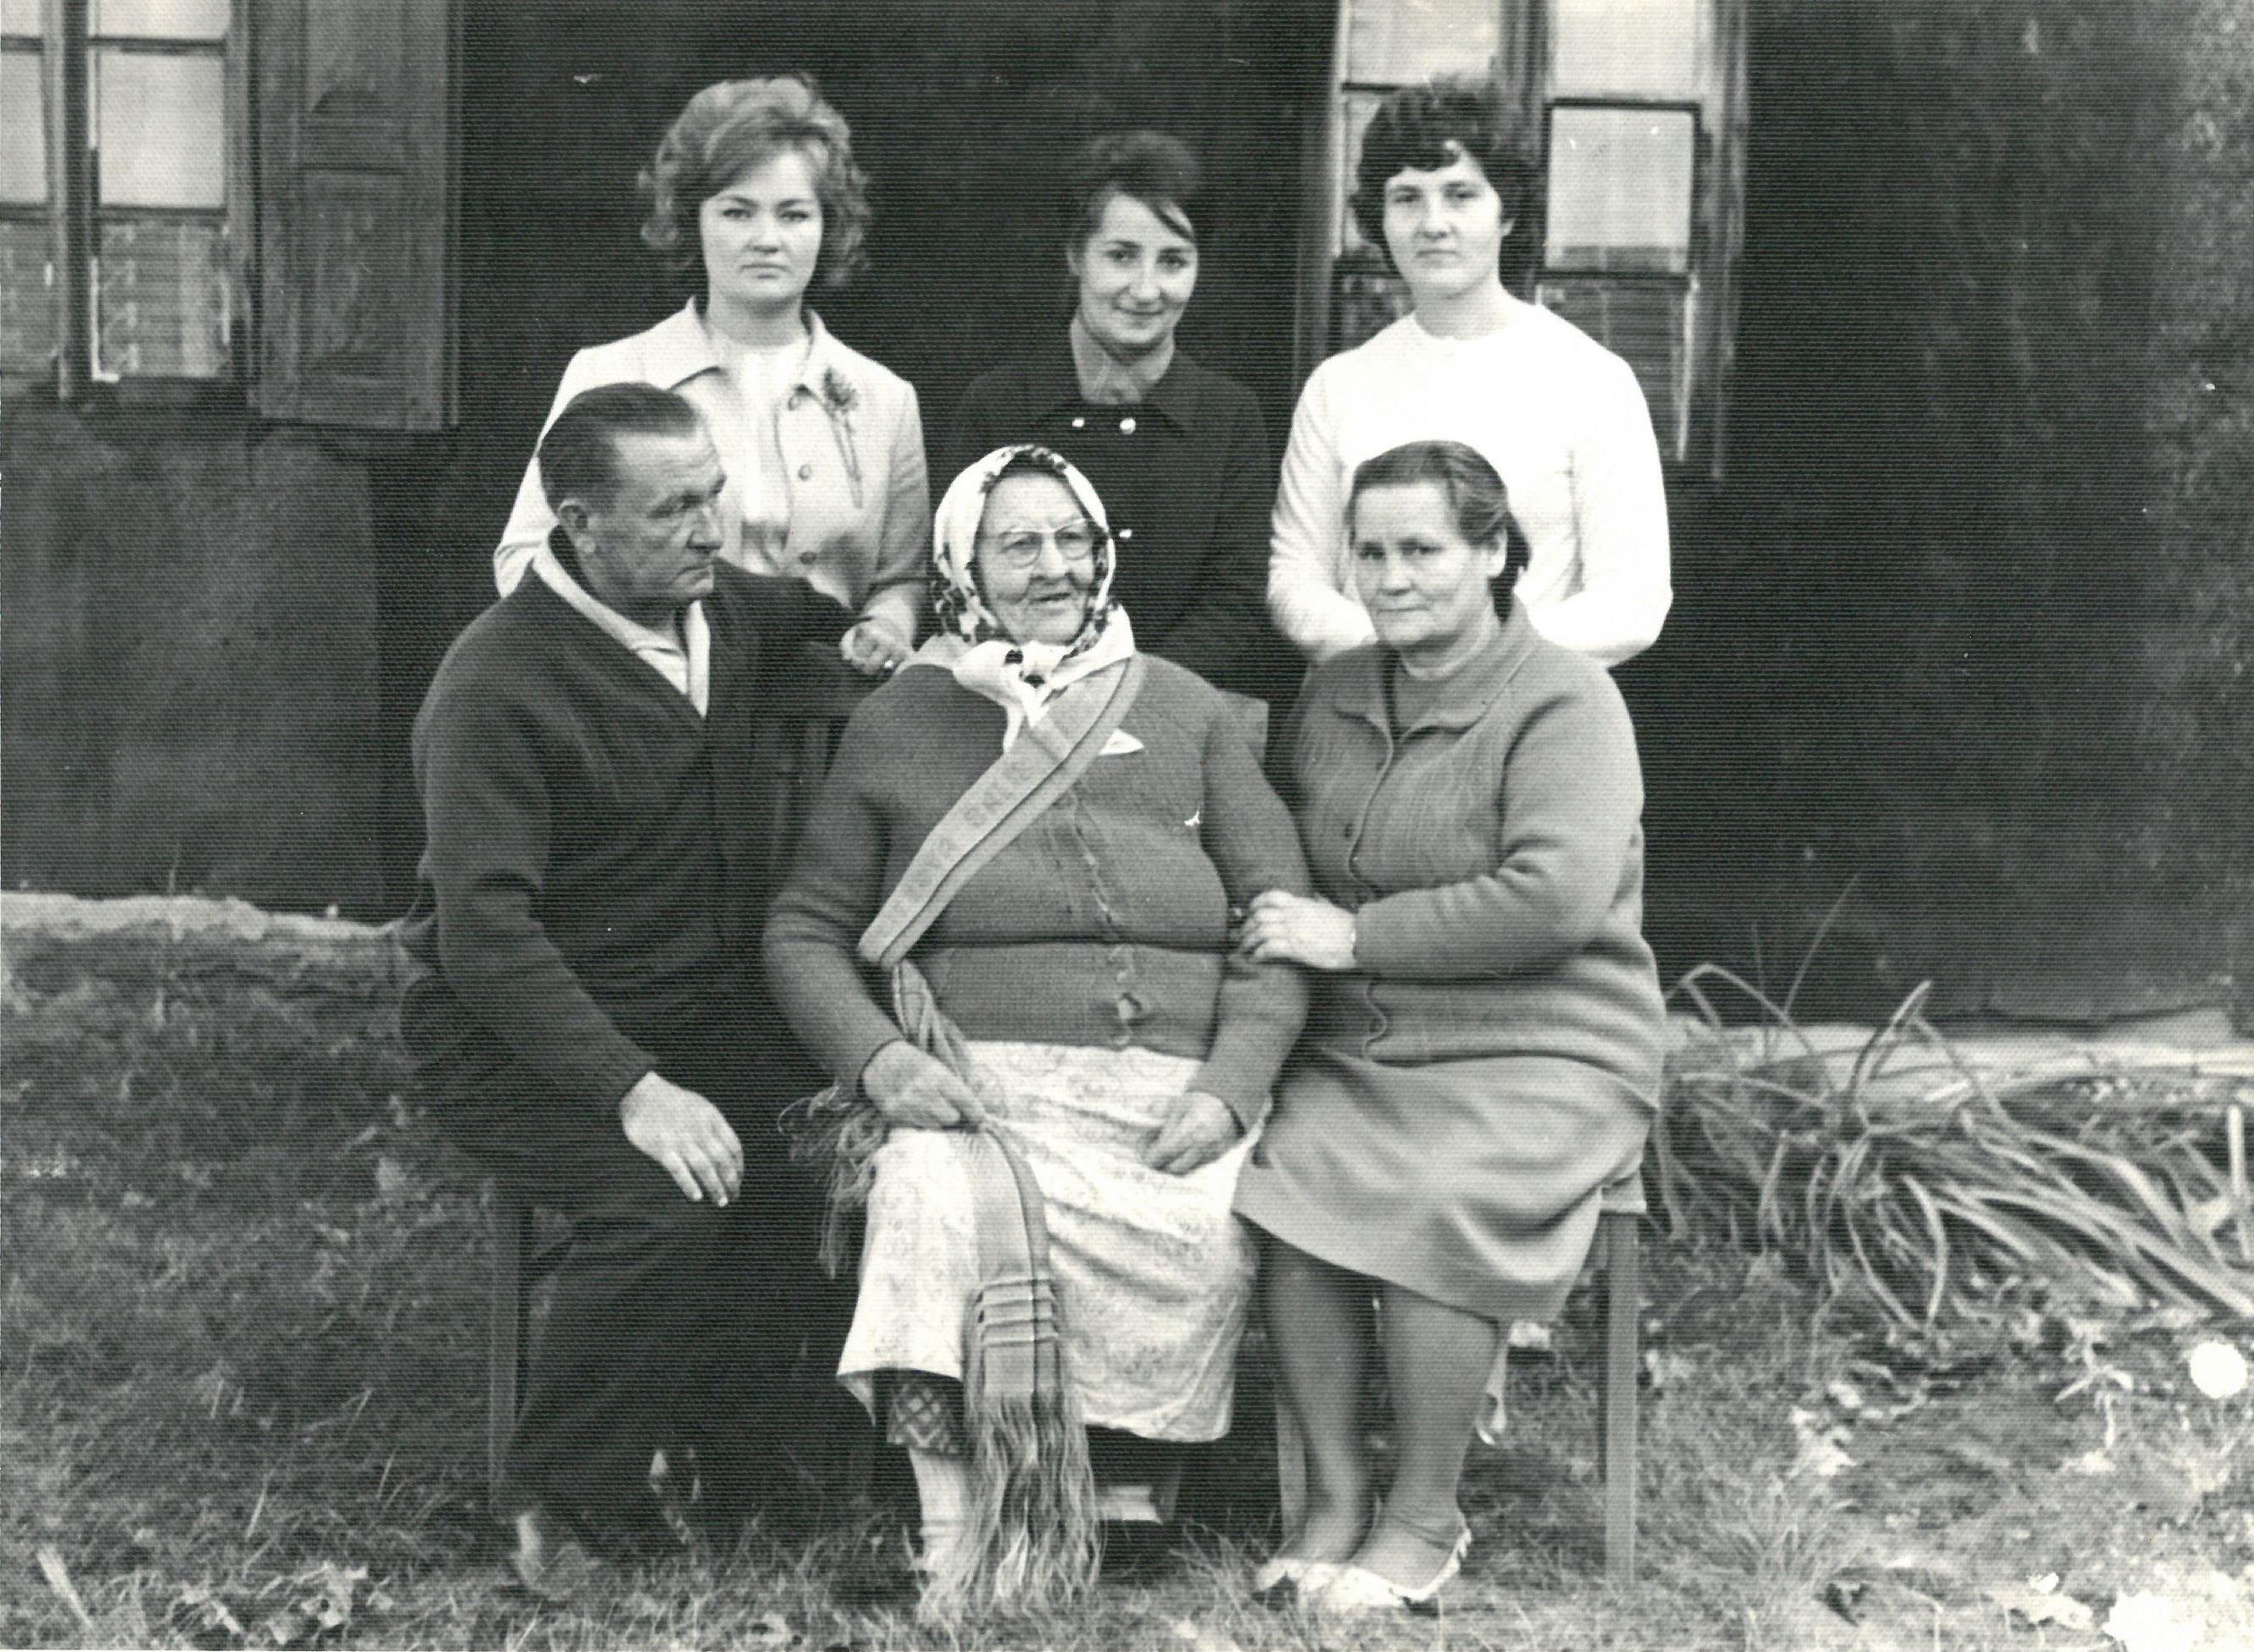 Profesoriaus, agronomo Petro Vasinausko motinos Agotos Vasinauskienės (Čeponytės) 90-mečio jubiliejus. Bendrai fotografijai pozuoja profesoriaus motina ir brolis Ignas Vasinauskas su šeima. 1972 m.